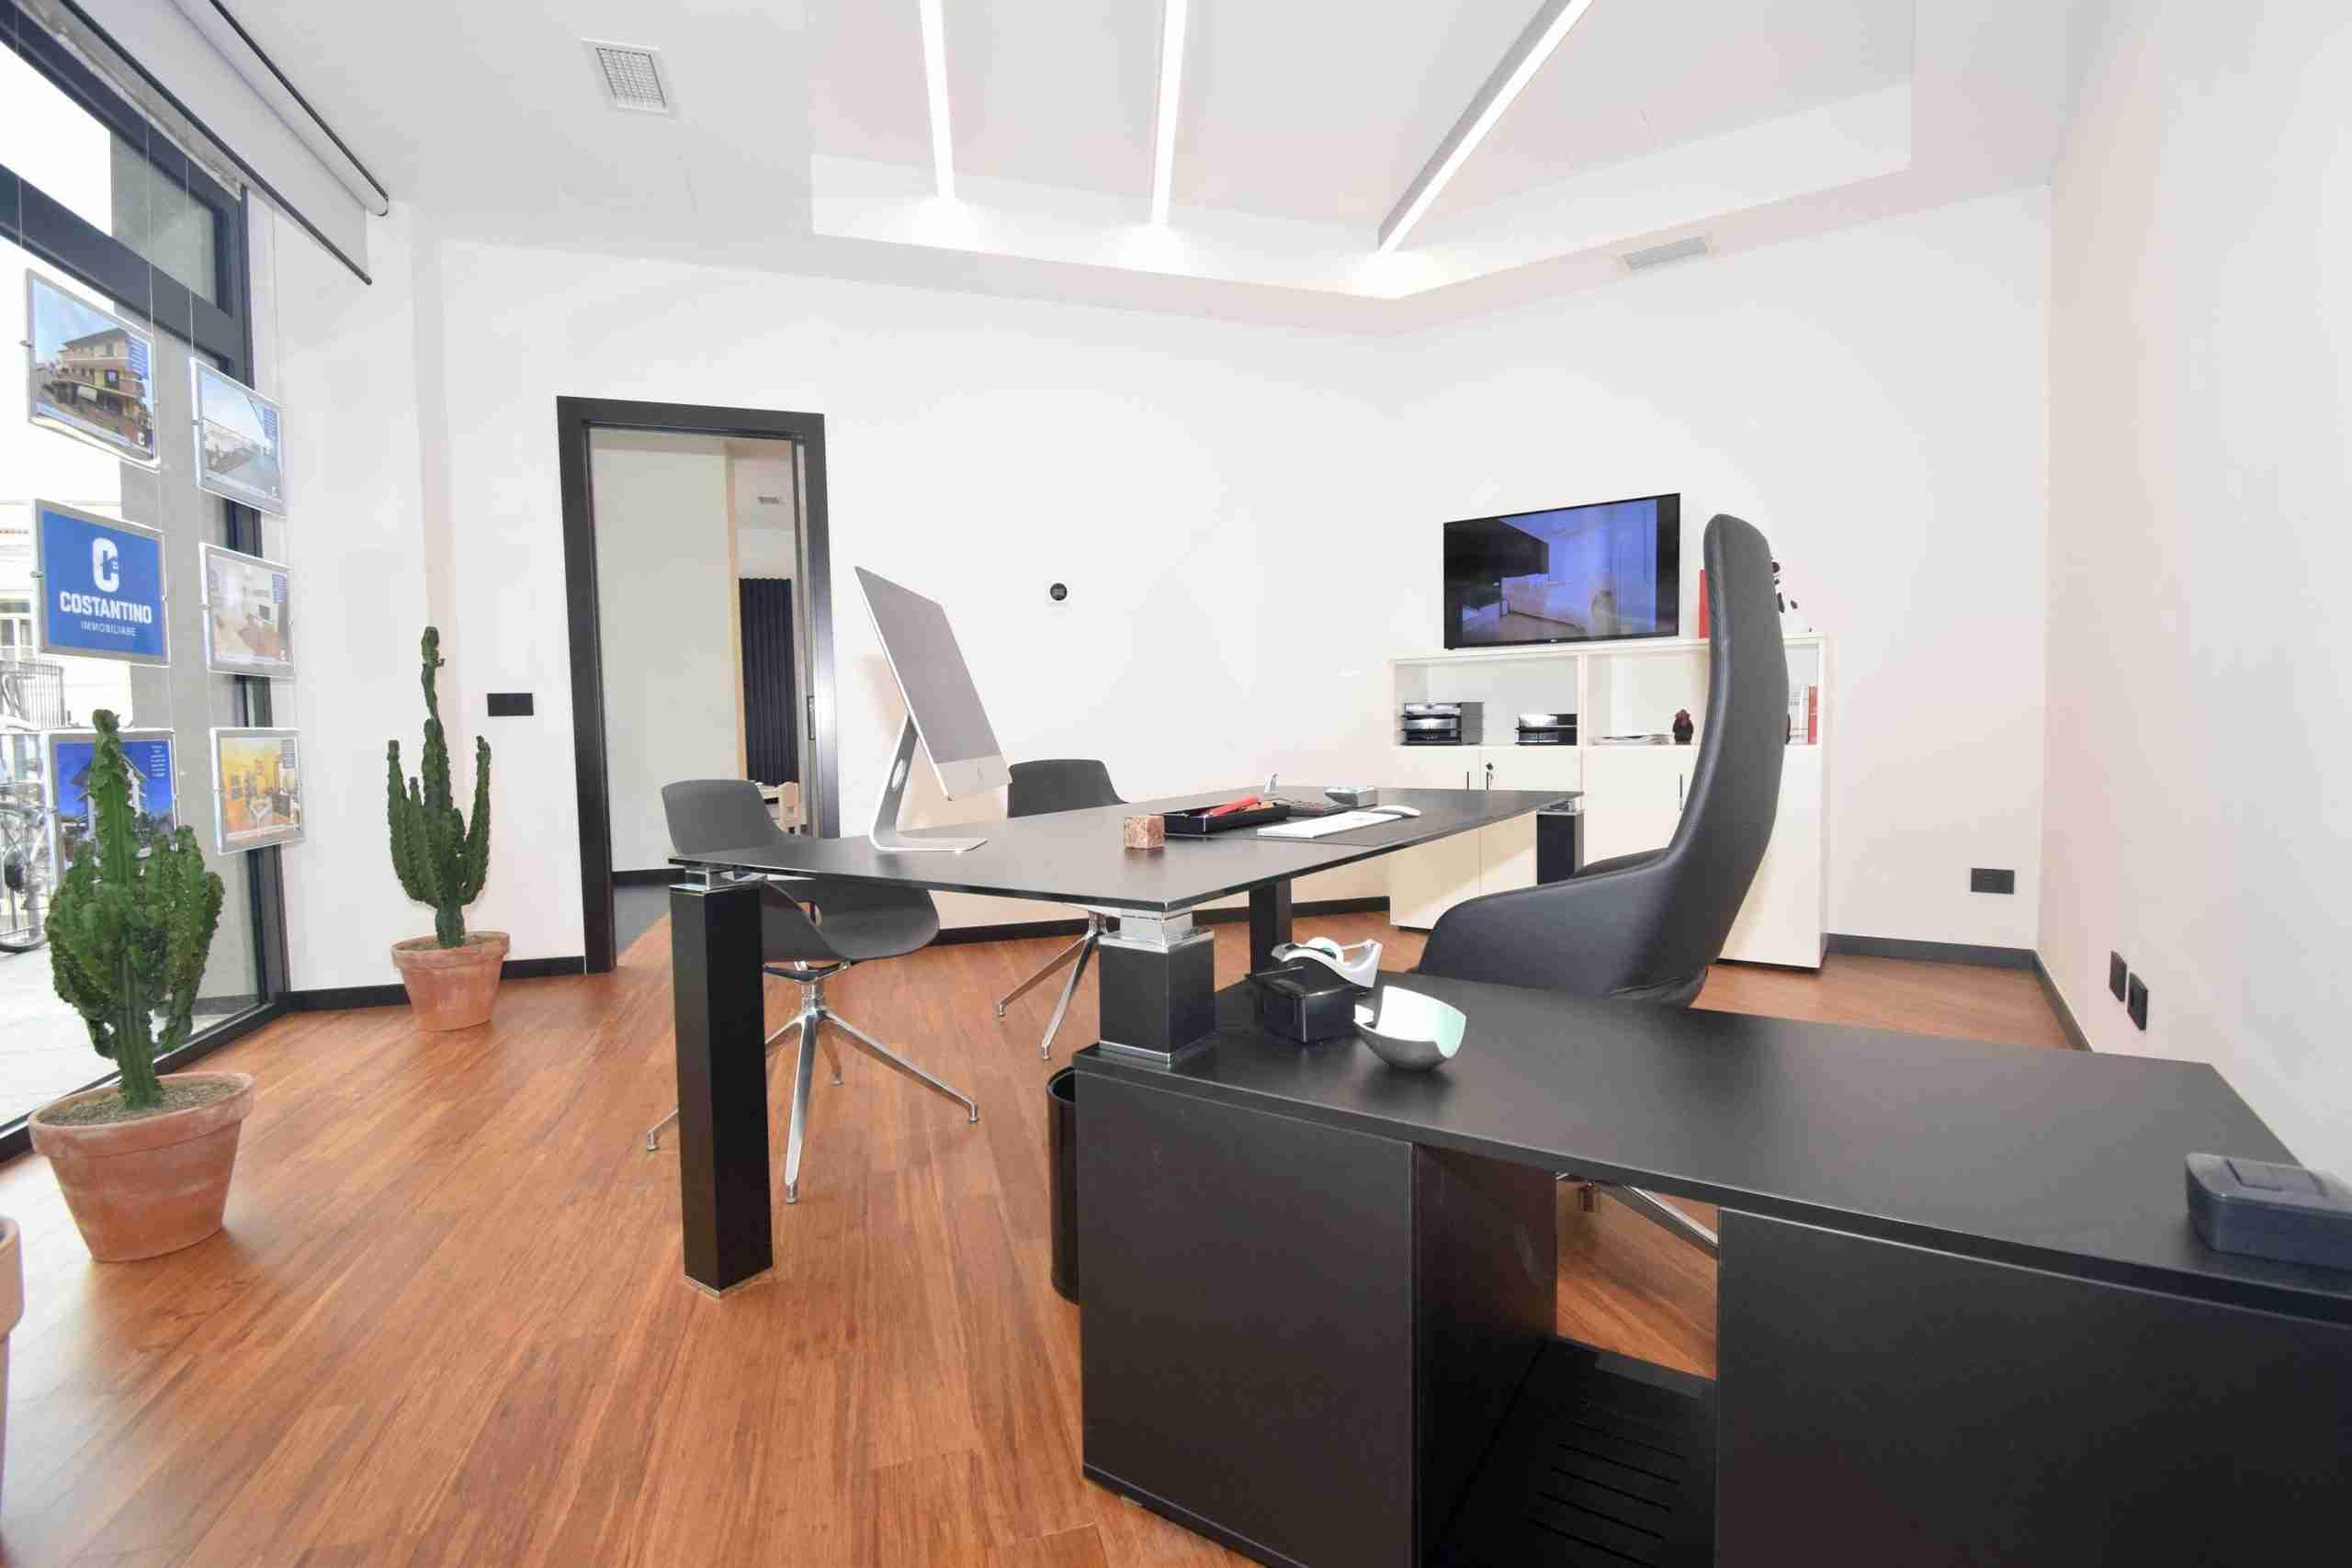 costantino-immobiliare-vercelli-intermediazione-uffici